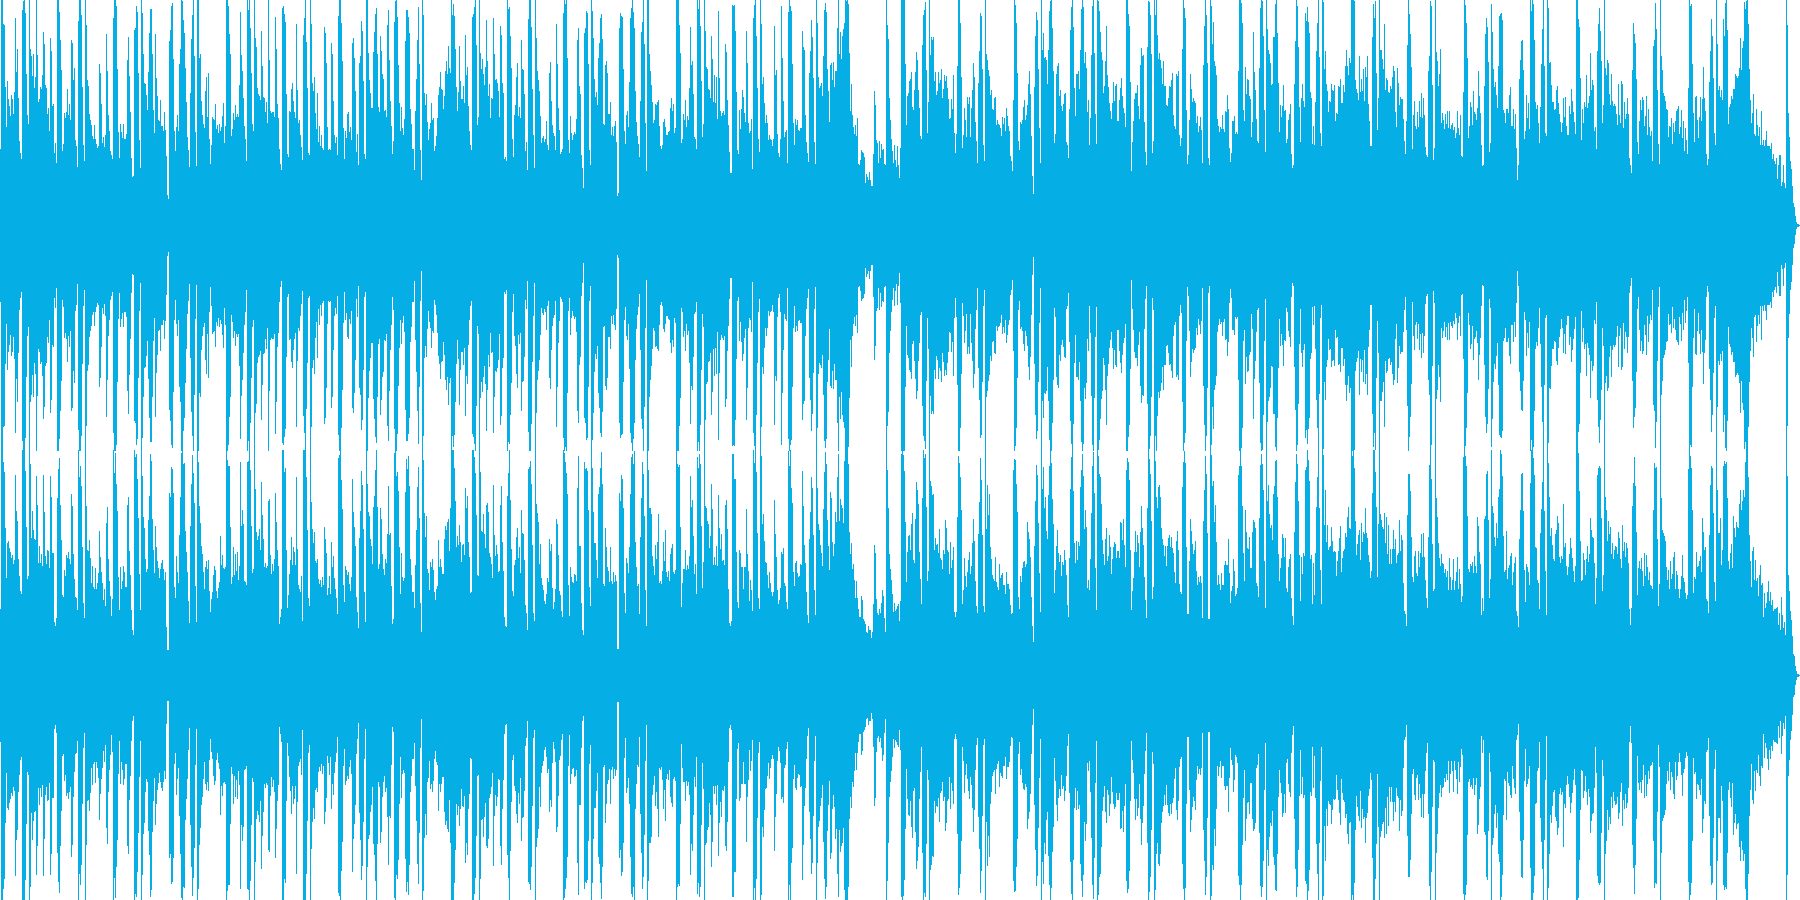 和のテイストを盛り込んだループBGMの再生済みの波形